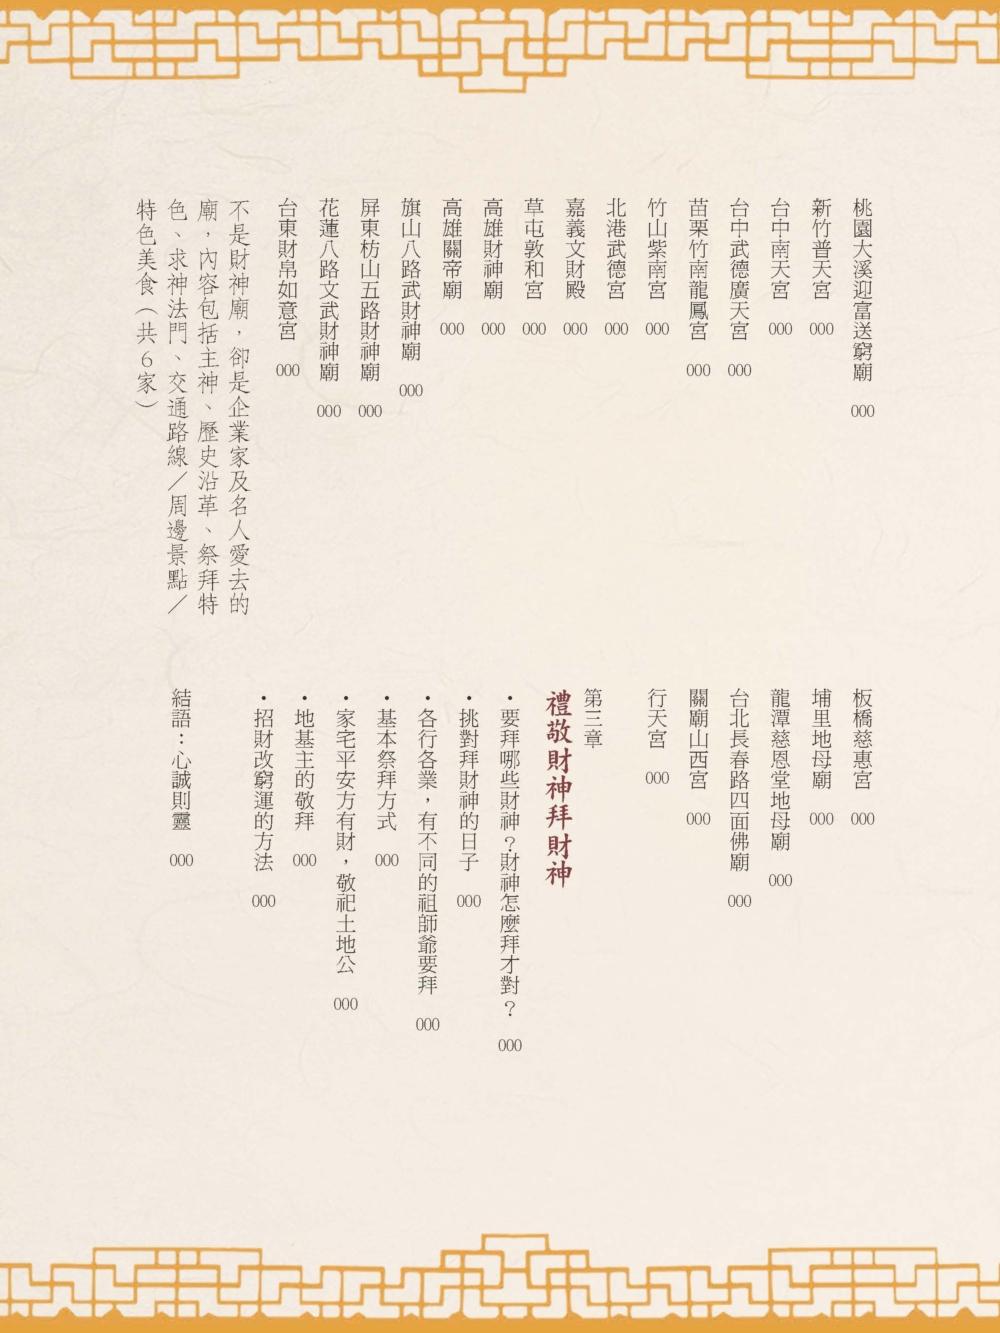 日日見財!全台33家超人氣必拜財神廟開運指南(2017年全新封面改版上市)